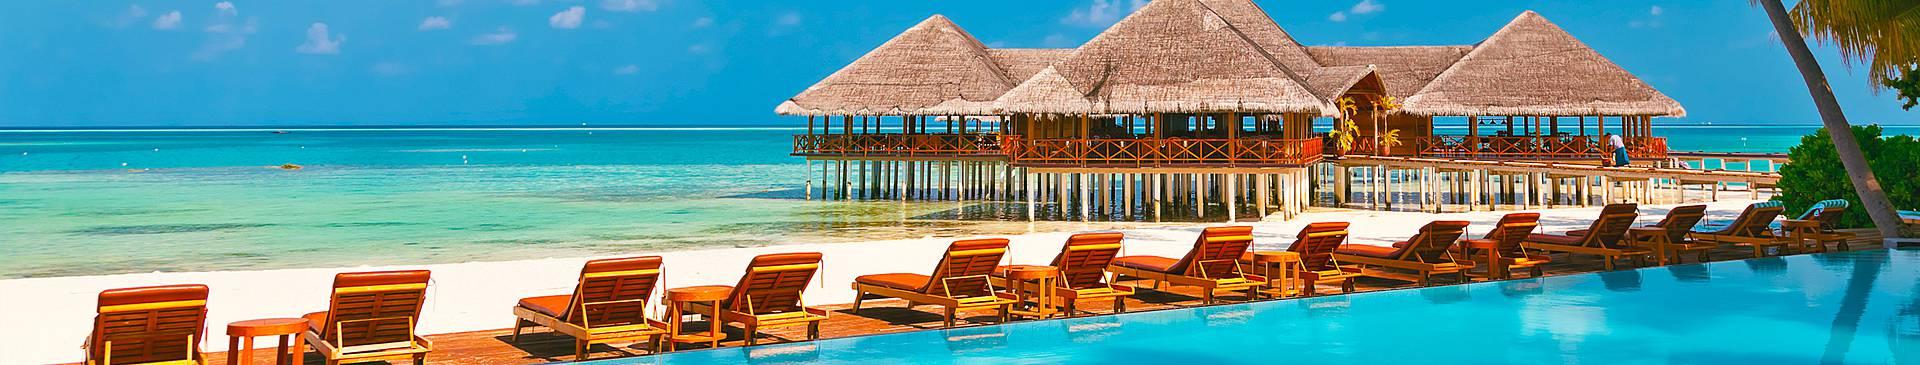 Viaggi alle Maldive in estate